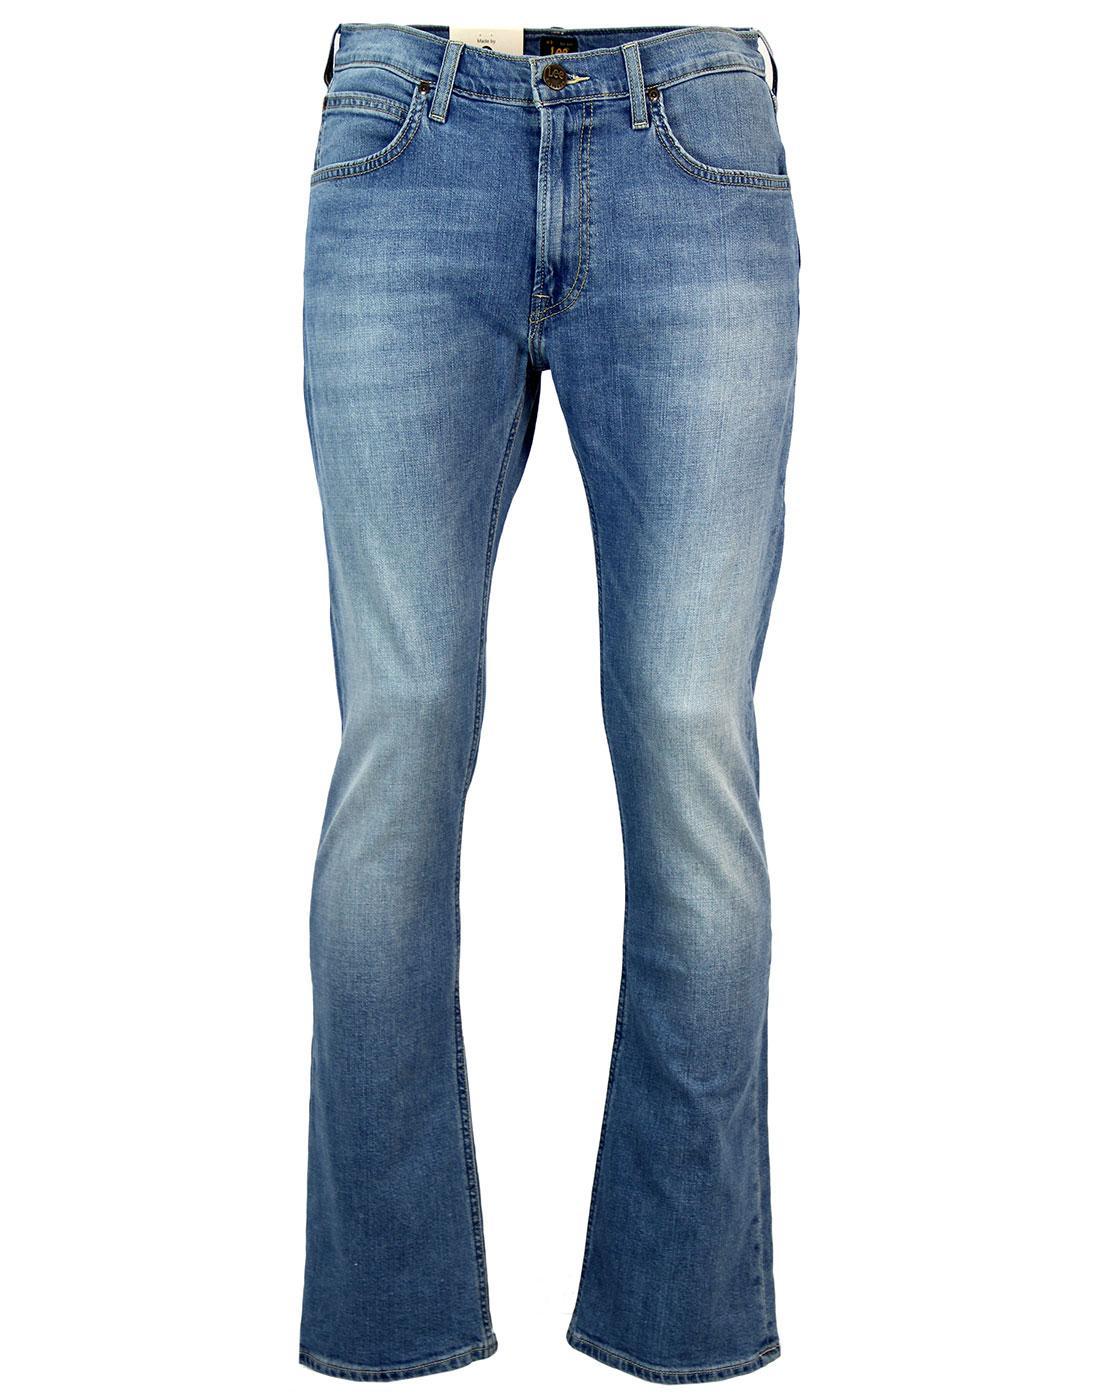 Lee slim fit bootcut jeans